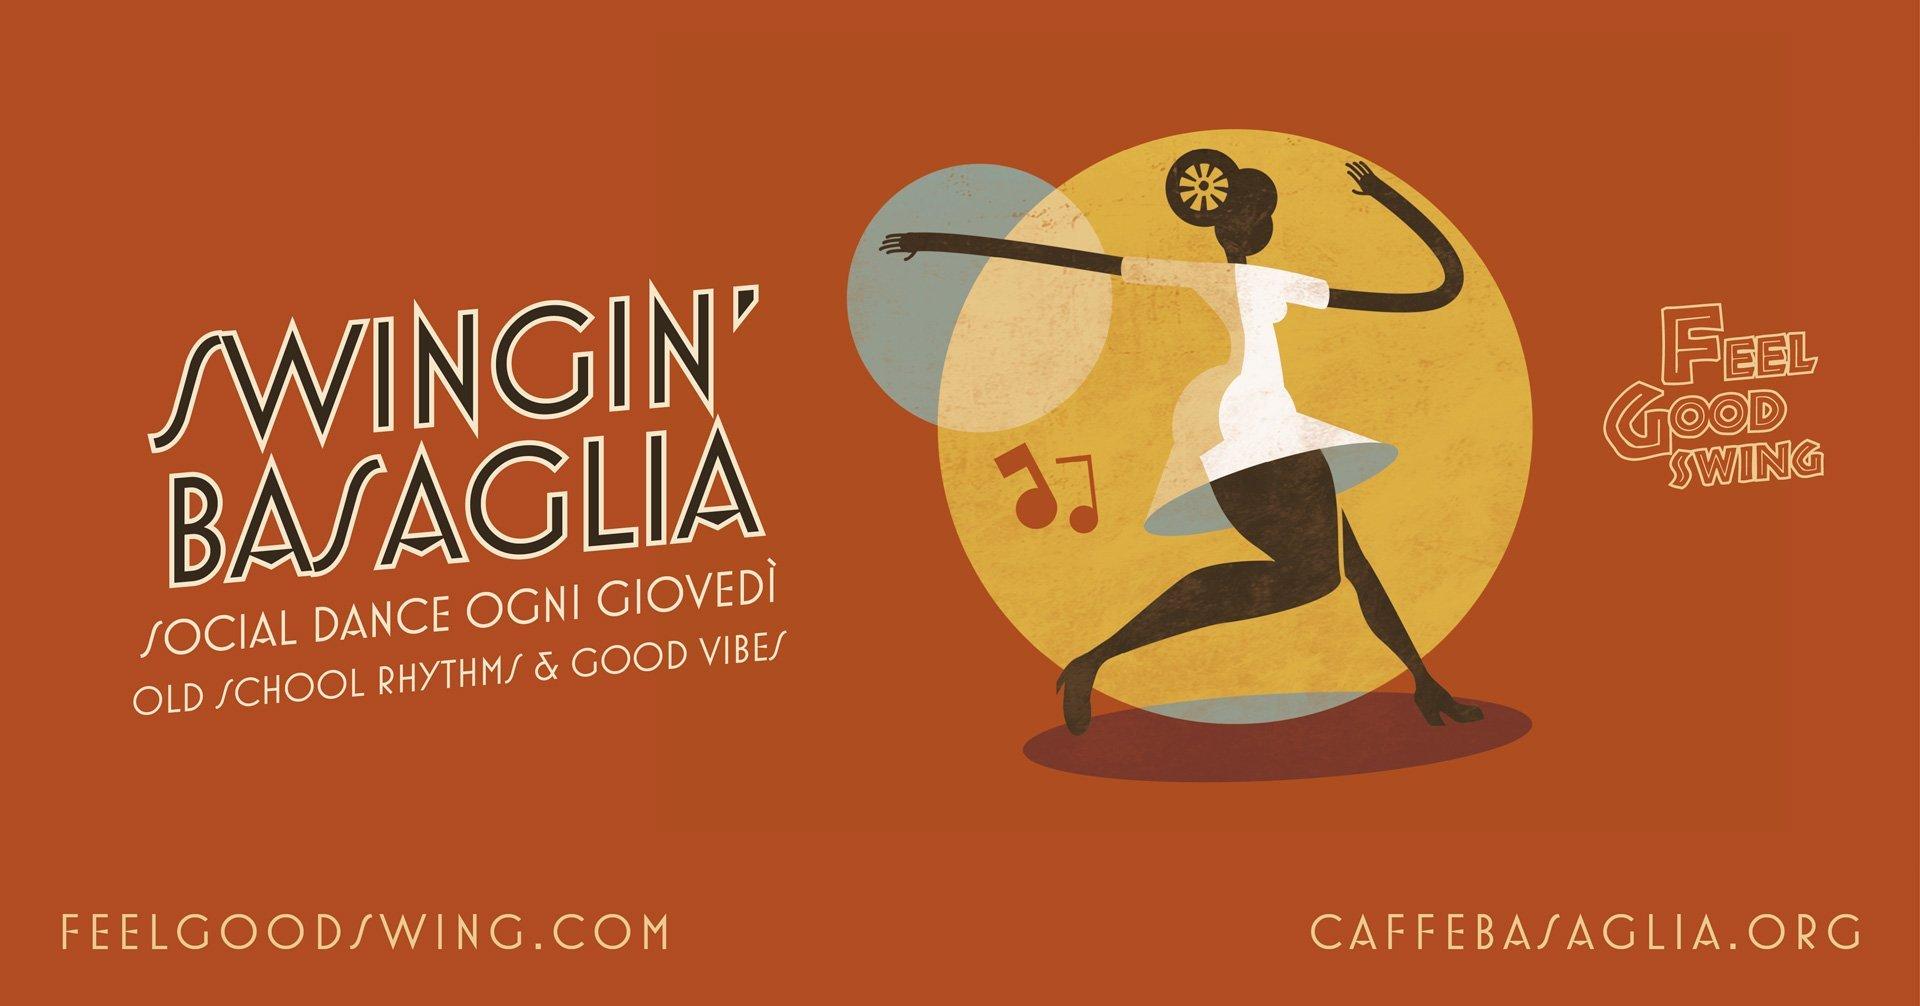 Swingin'Basaglia - Petite Swingin'Basaglia - La scoail dance del giovedi